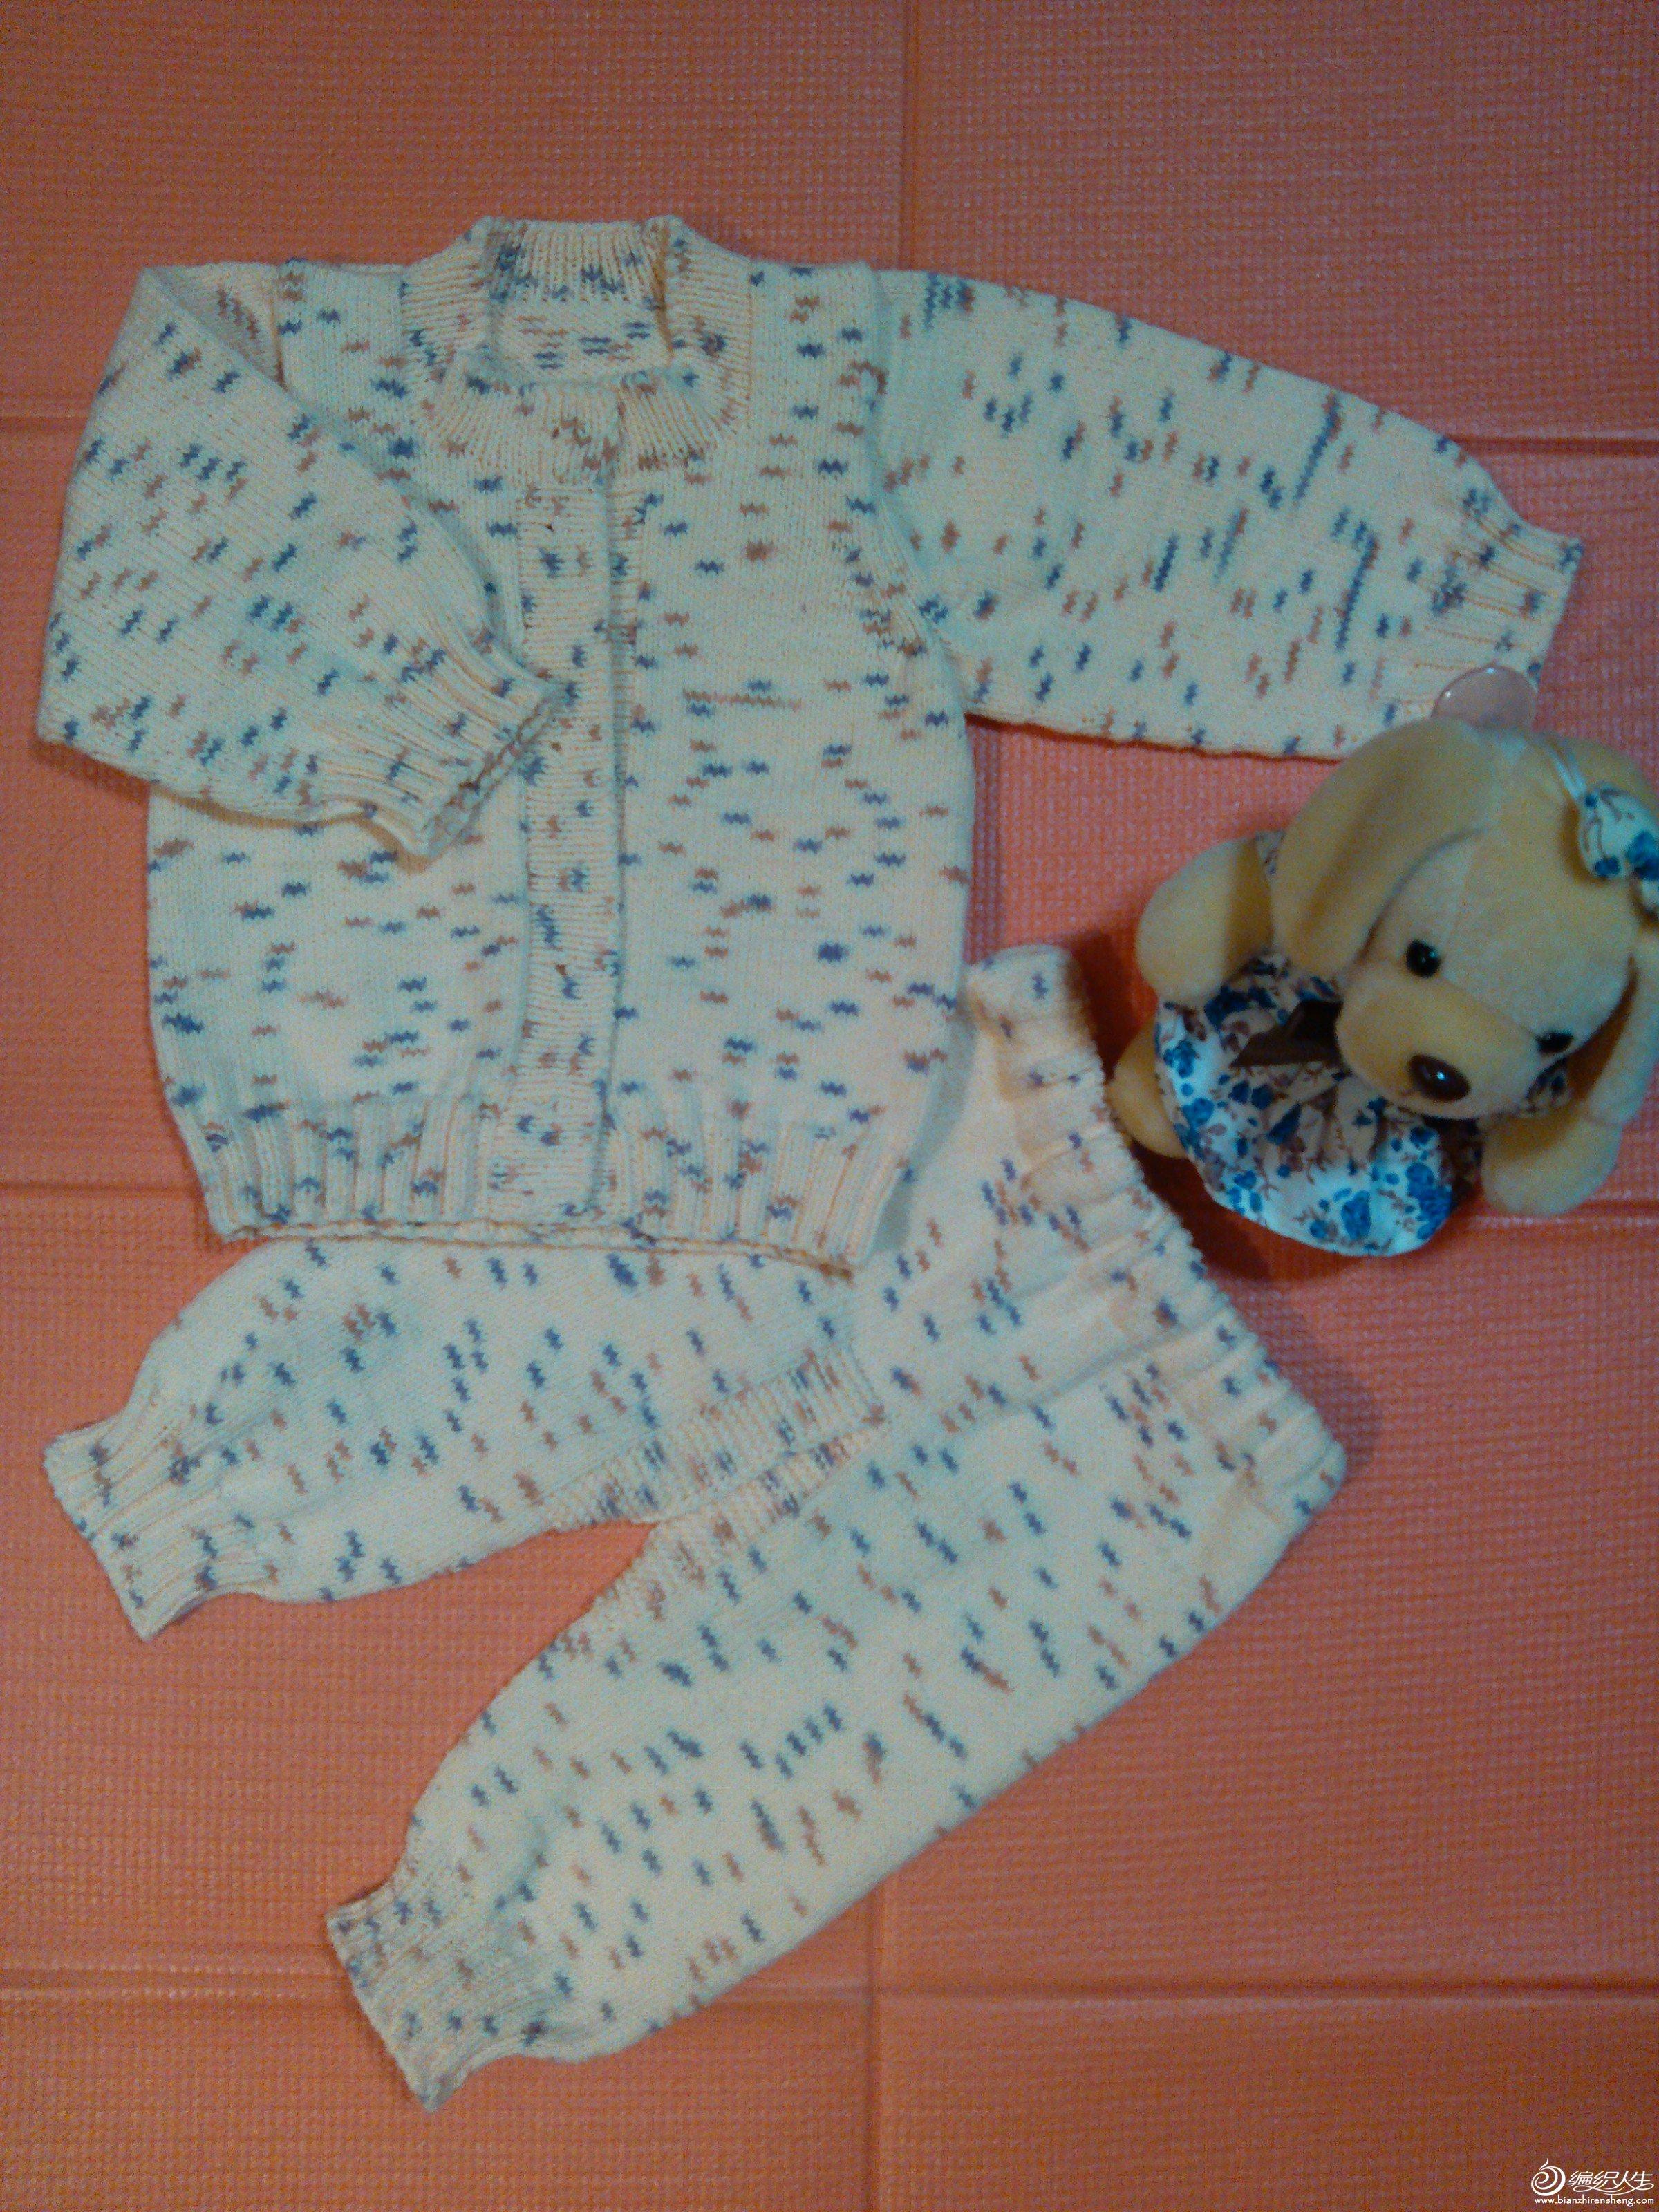 今年生孩子的好像特别多,我自己的表弟,我LG的表弟,我朋友家,只送买的现成的衣服,总觉得心意不够,就想着给每家送套我自己织的毛衣,赶时间织,除了上班以外,其他能利用的时间全用上了,两个礼拜织好了一套,为了节省时间,买了花色奶棉线,也不用另想花样,直接平织,发给大家共赏一下,我非熟手,所以还请姐妹们小心轻拍哦